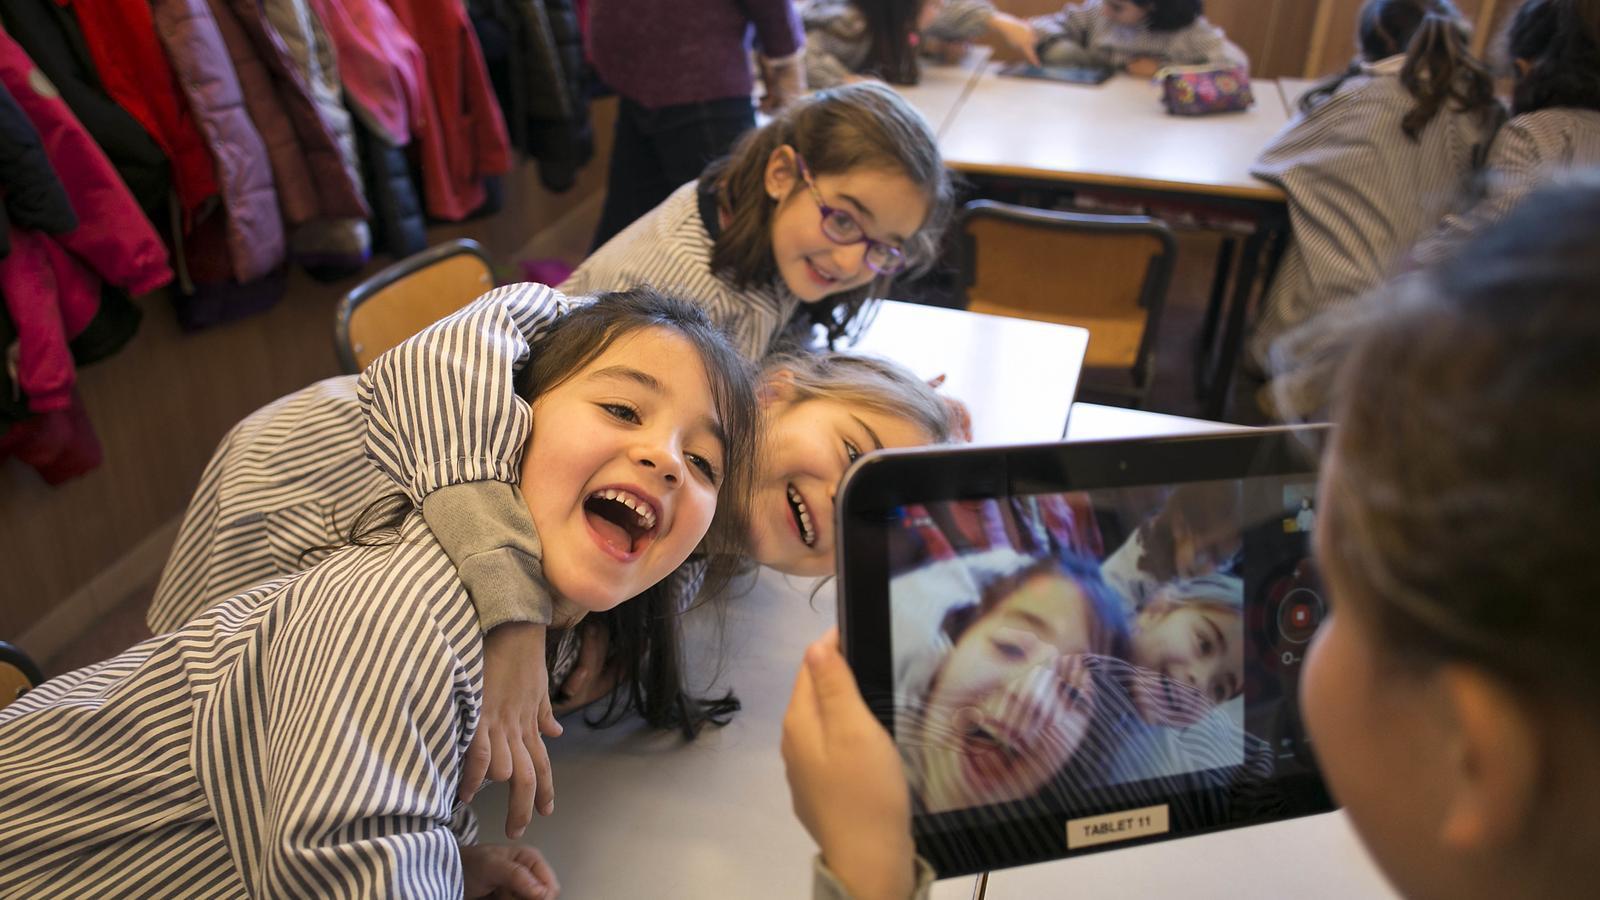 Alumnes de primària fan servir una tauleta a classe